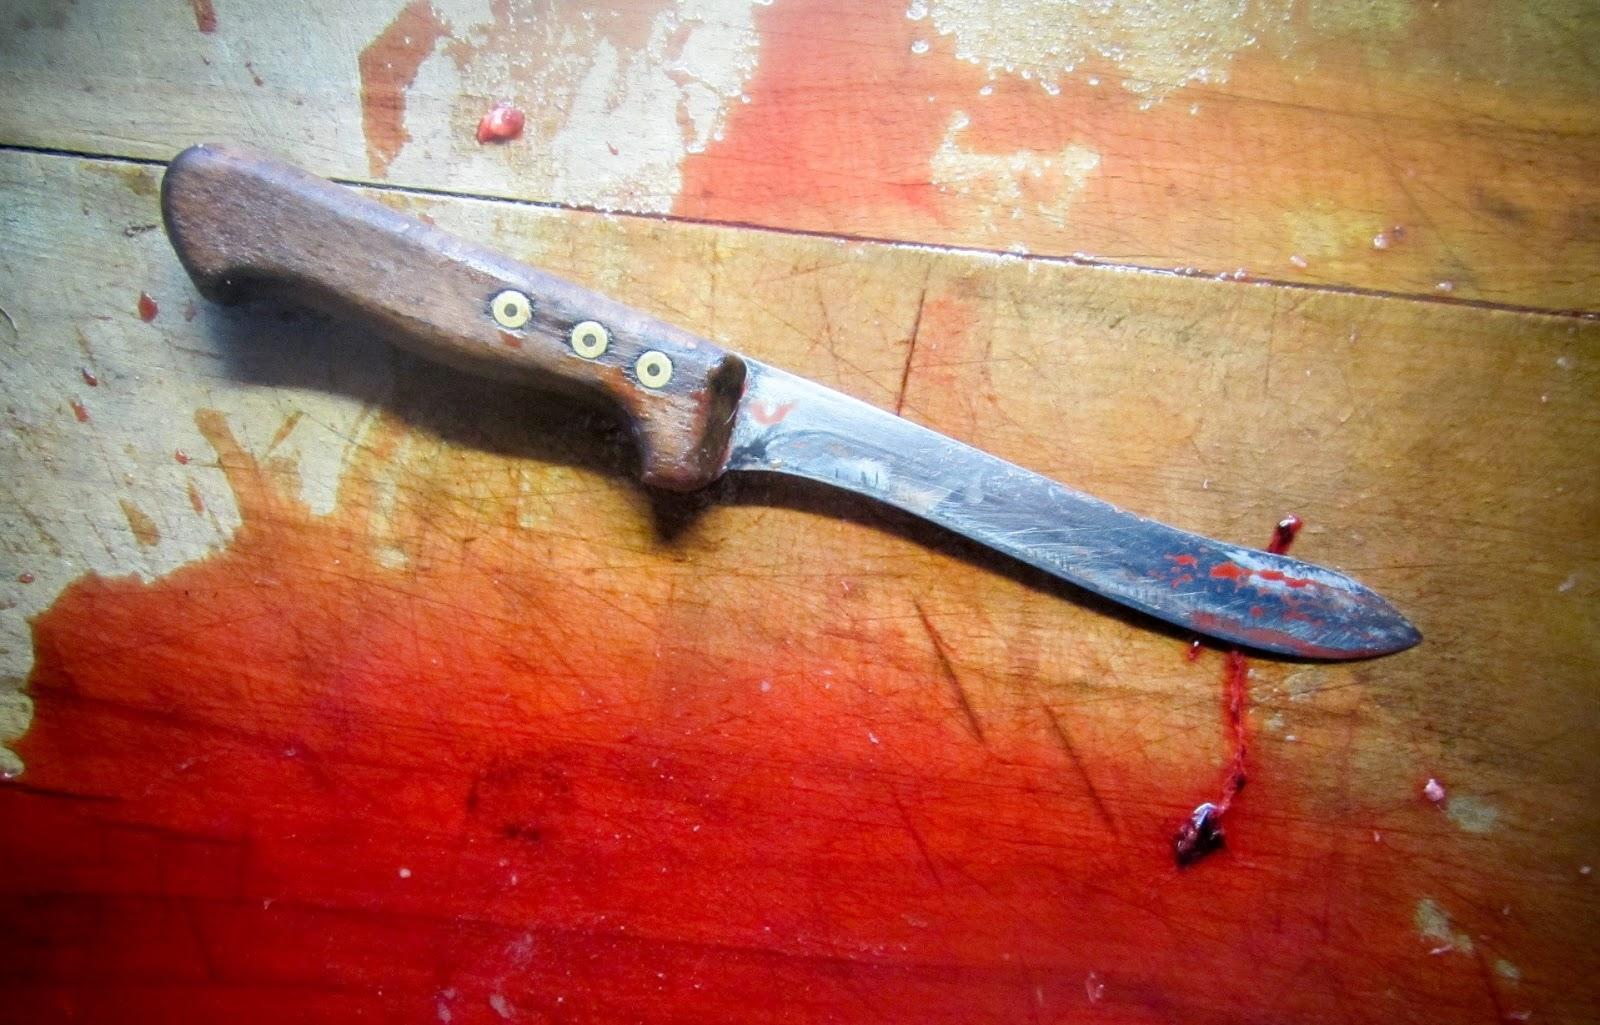 Σοκ : Έκοψε με μαχαίρι το πέος του αφεντικού της επειδή προσπάθησε να τη βιάσει